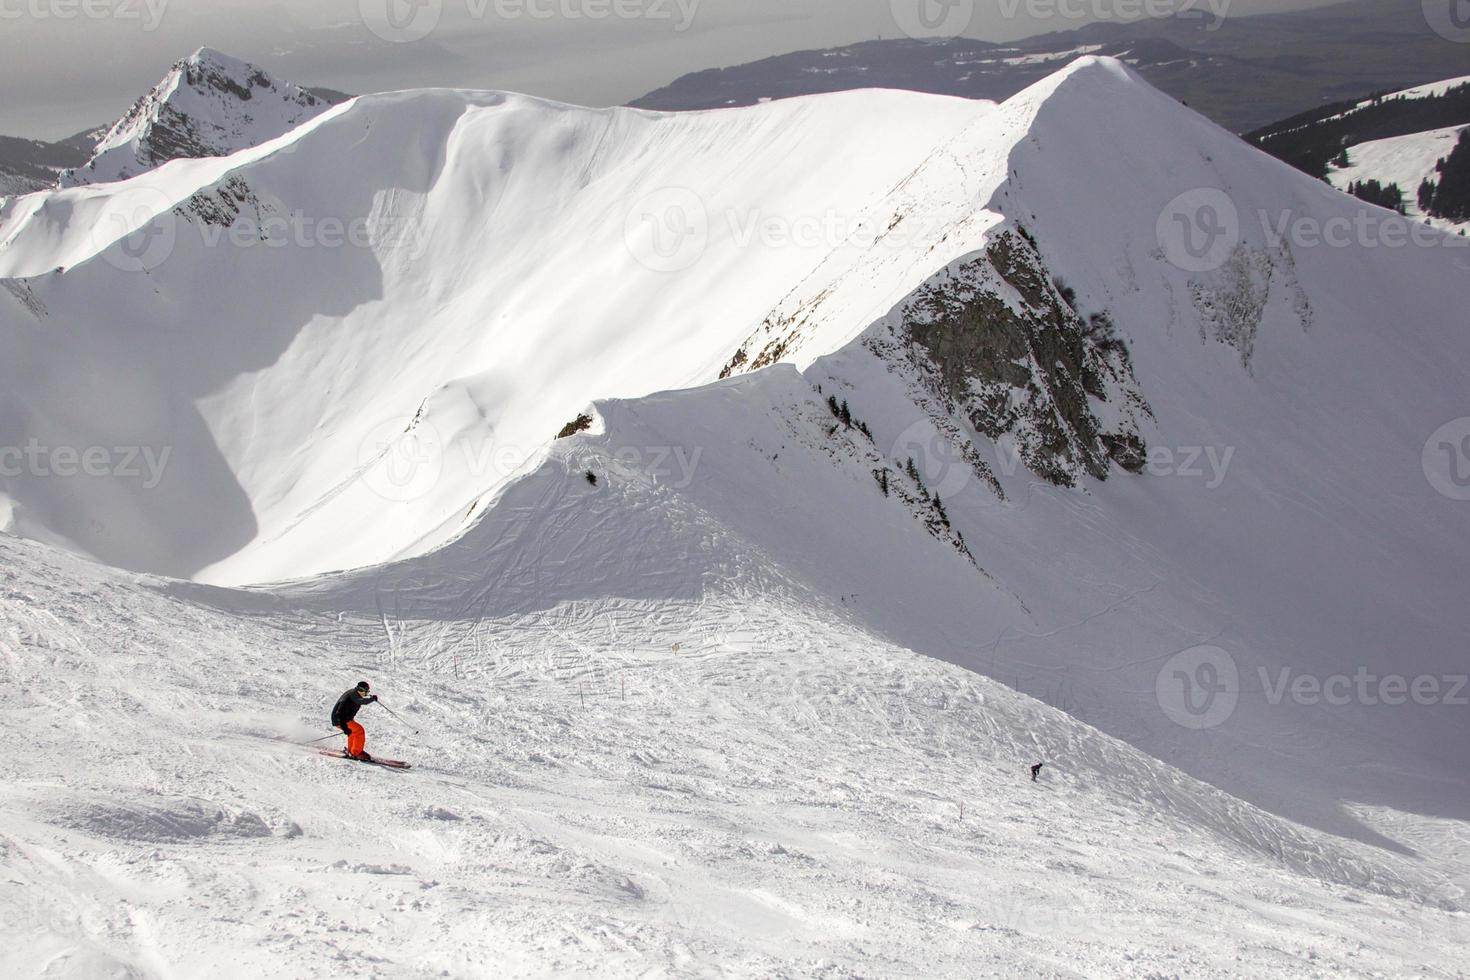 Mann mit roten Hosen Skifahren in den Schweizer Alpen foto